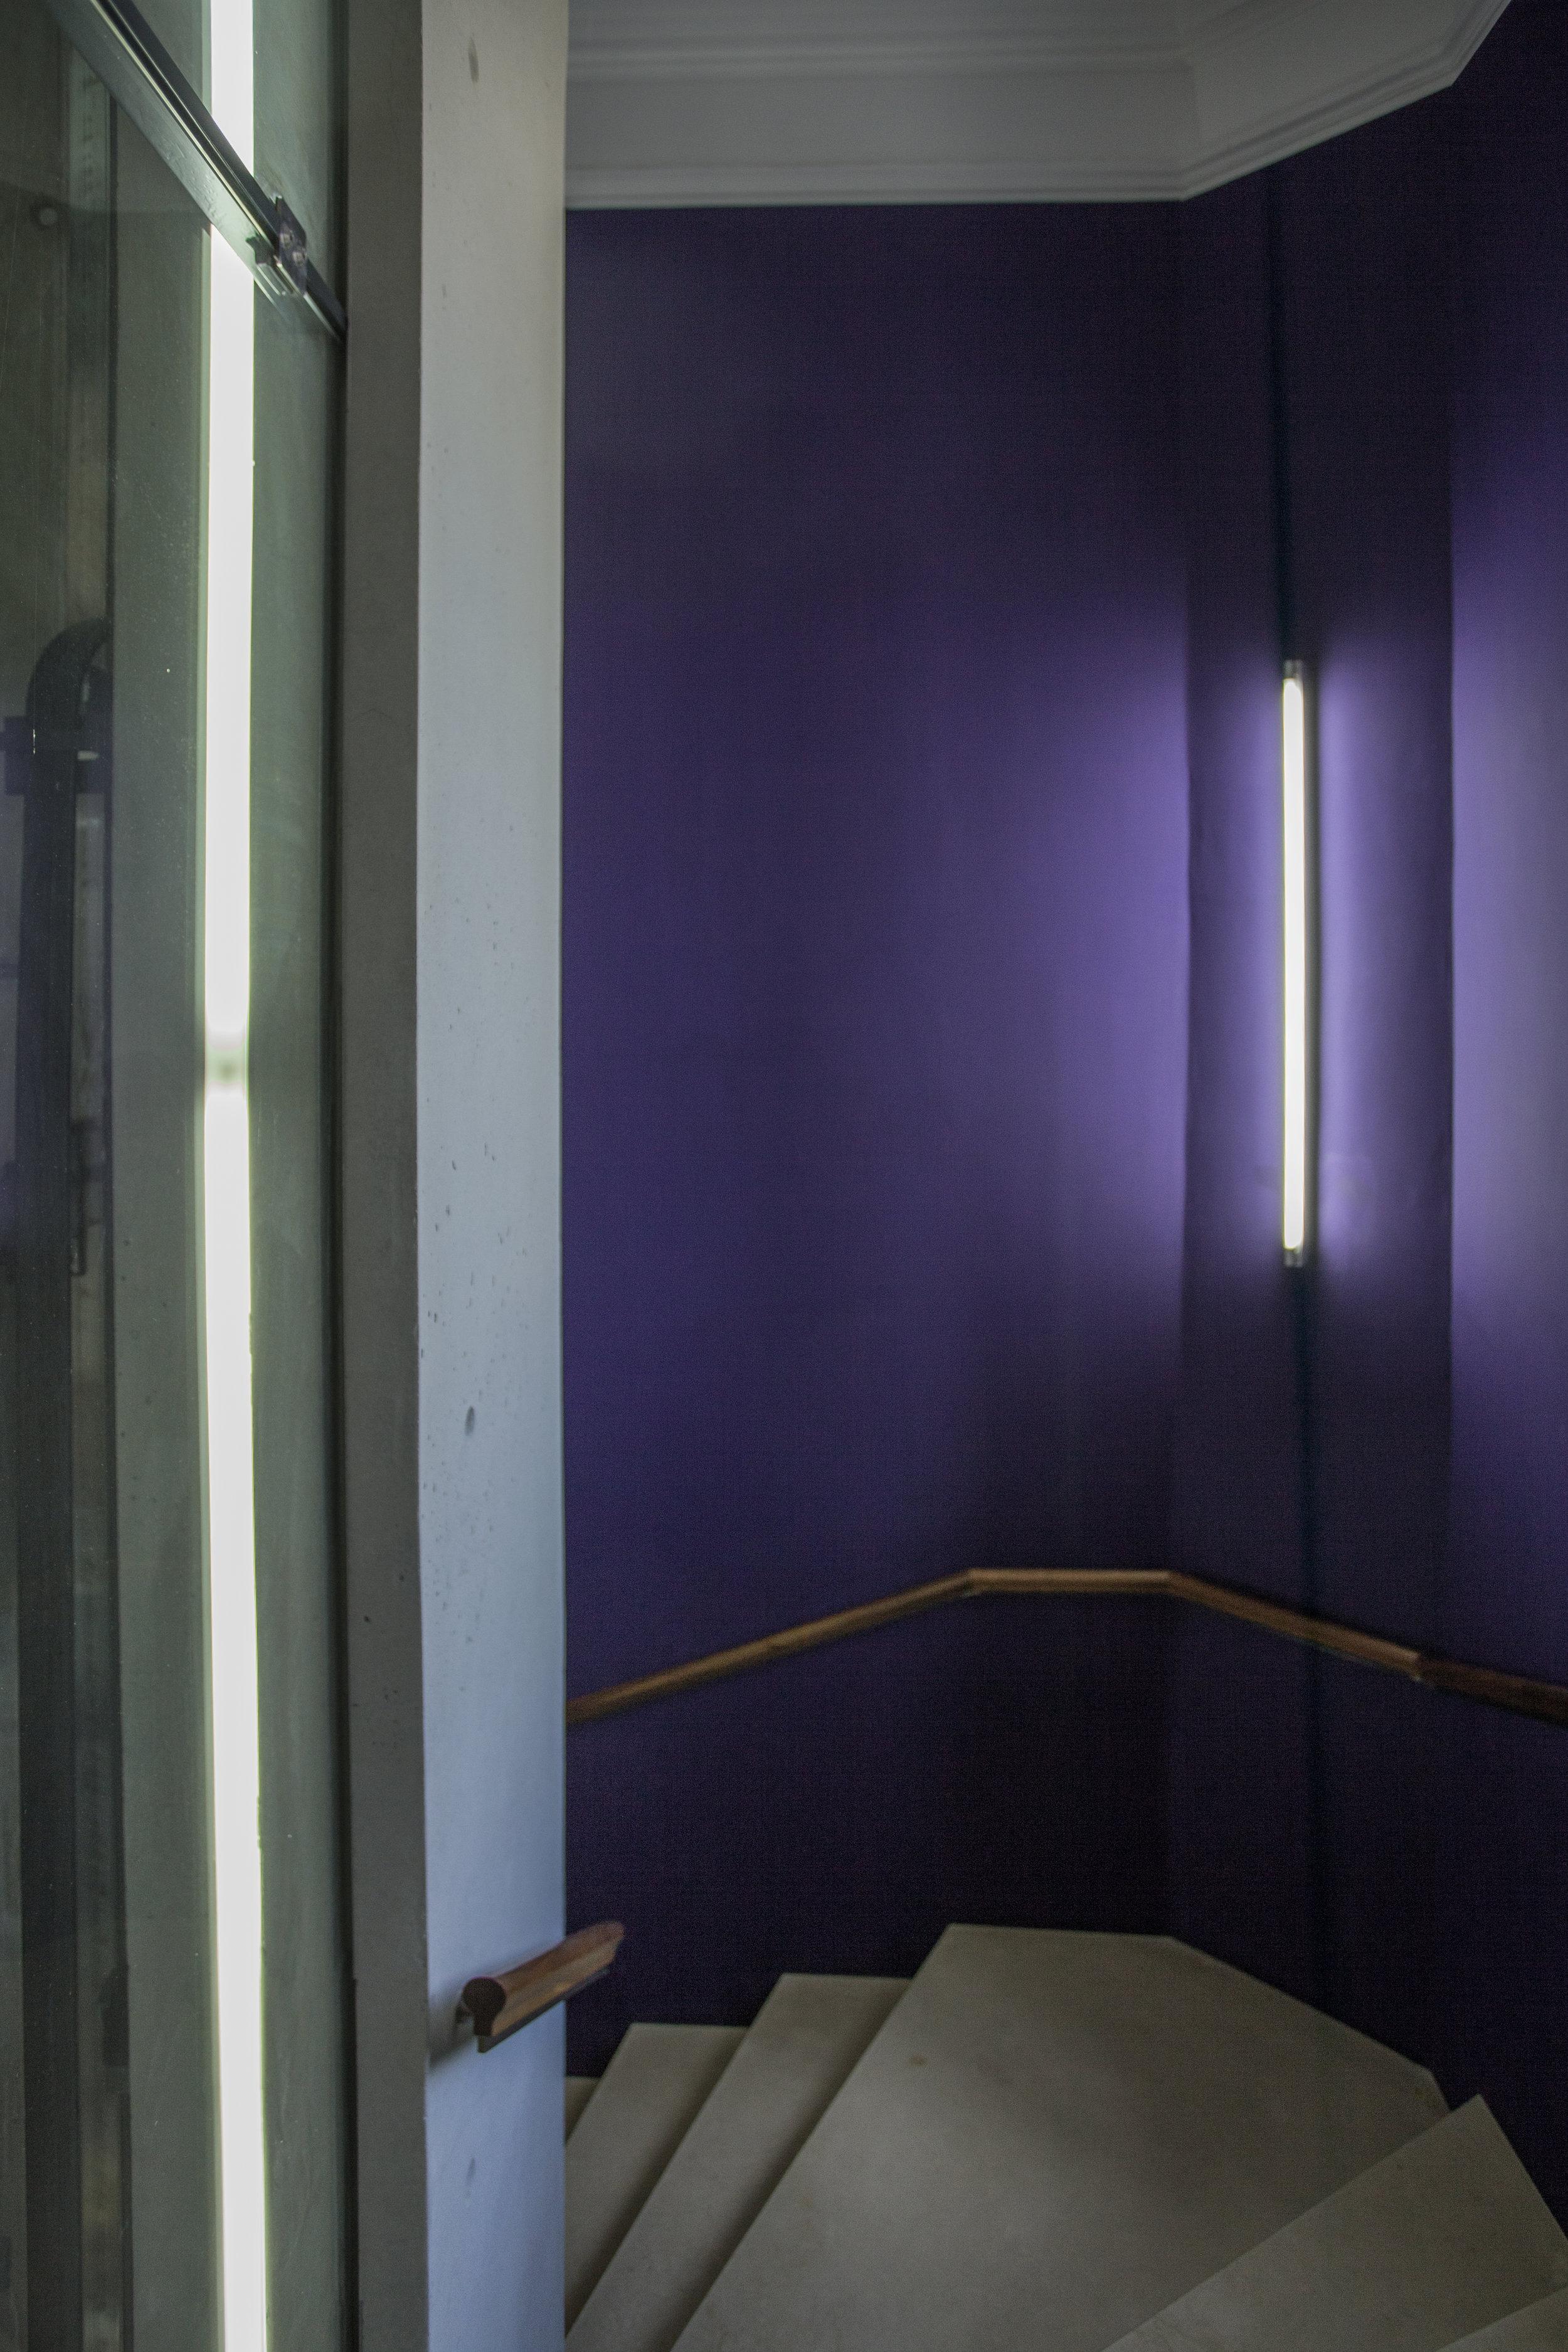 Couleurs franches et tranchantes en aplat, matériaux simples et simplement beaux, pierre nue: le modernisme des toiles exposées se décline en clins-d'oeil et en harmonies subtiles à chaque tournant d'escalier...